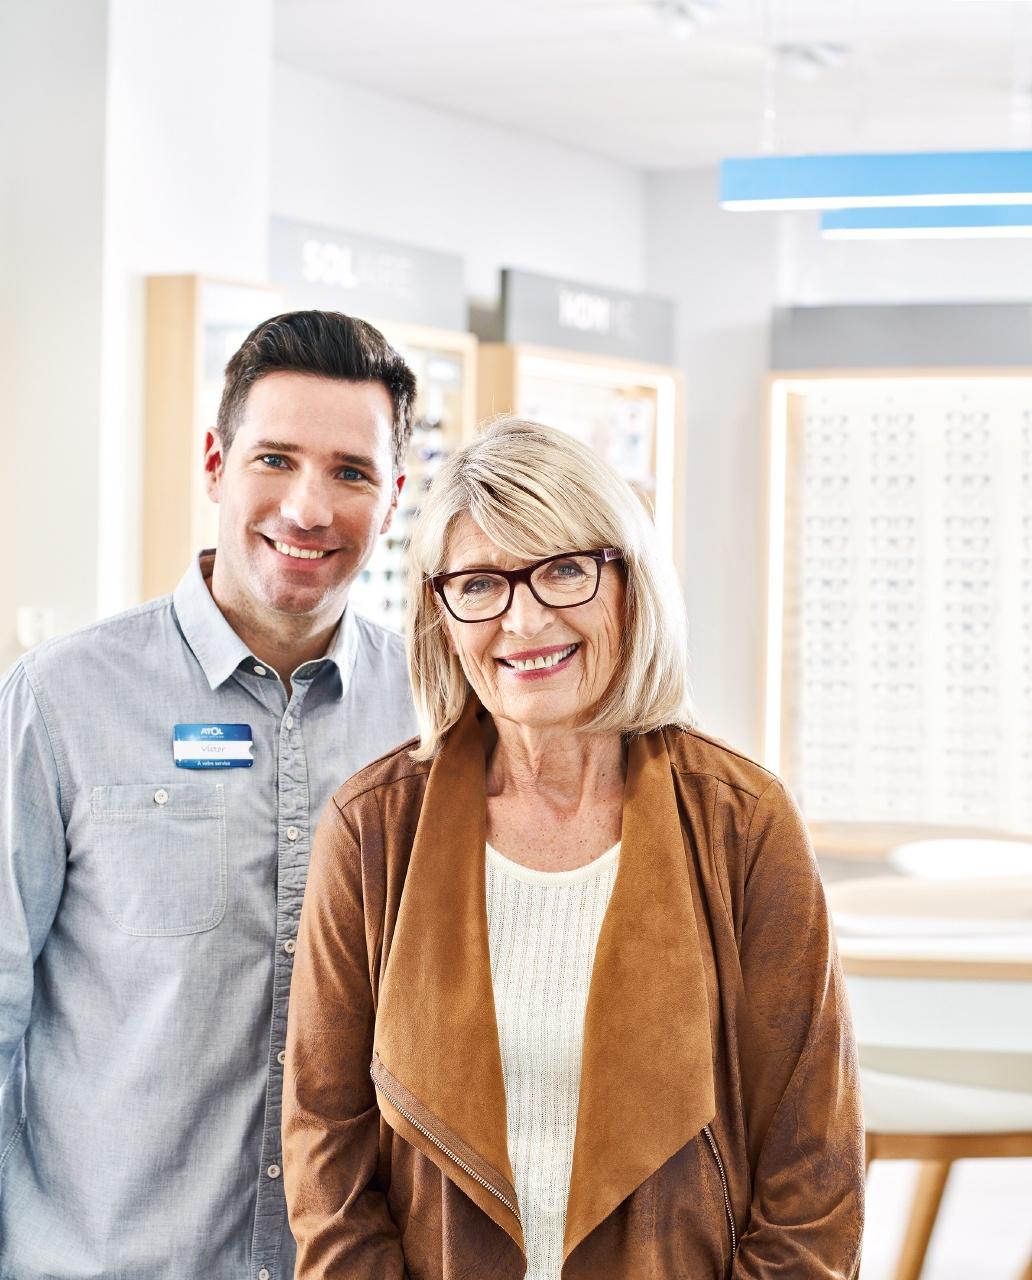 Photo publicitaire pour la marque Atol et ses lunettes connectées pour séniors